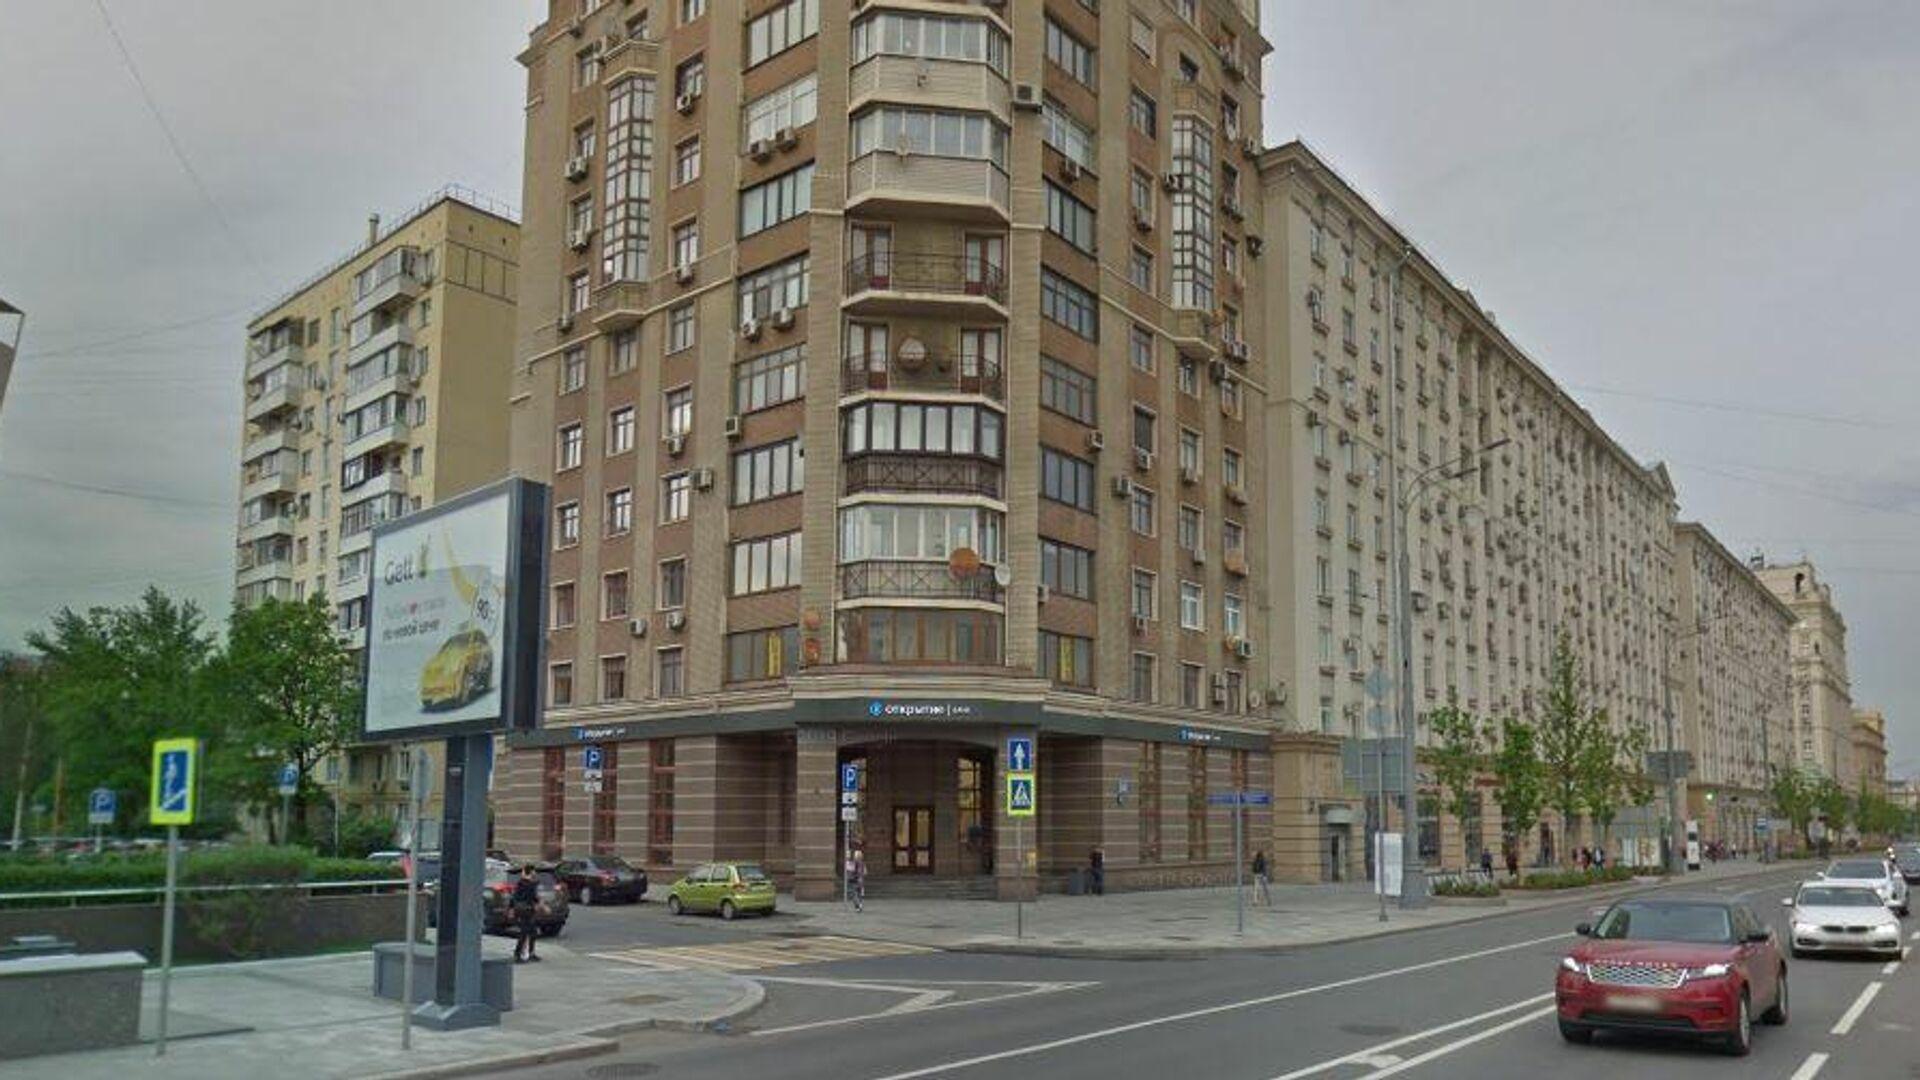 Отделение банка Открытие на Валовой улице, недалеко от Павелецкого вокзала - РИА Новости, 1920, 04.12.2020